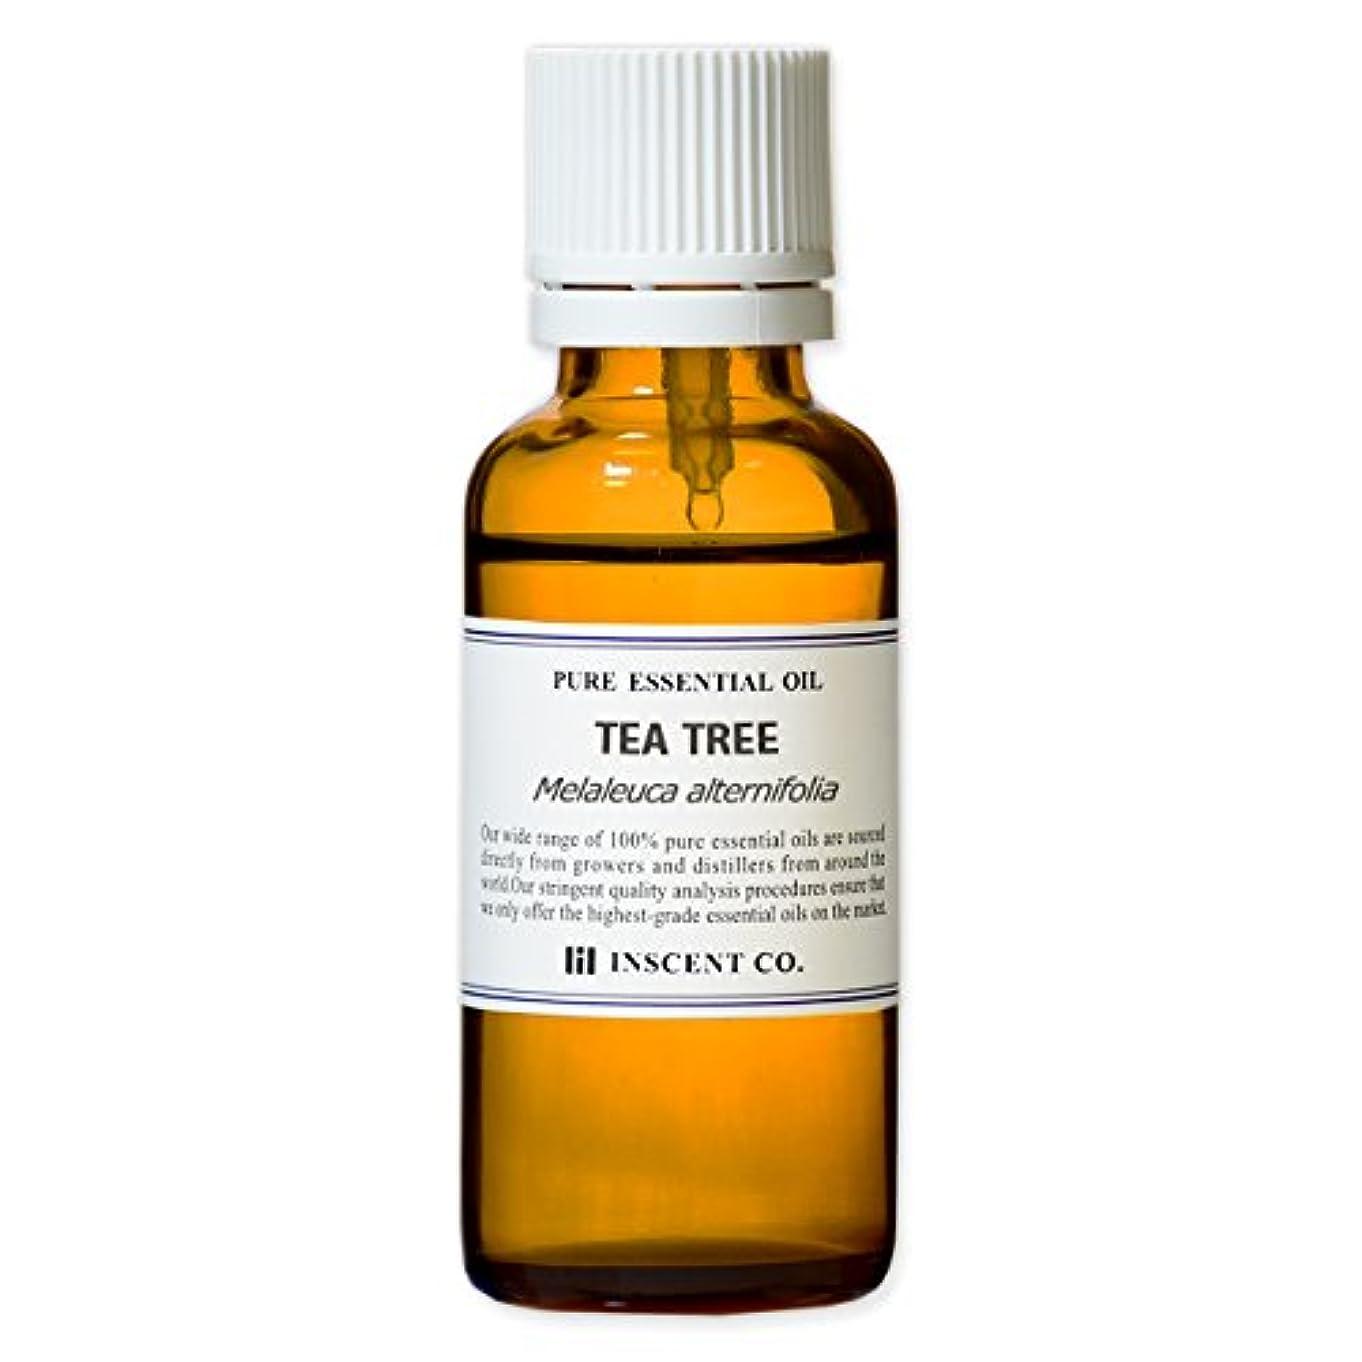 ワイヤーロビープーノティートリー 30ml インセント アロマオイル ティートゥリー AEAJ 表示基準適合認定精油